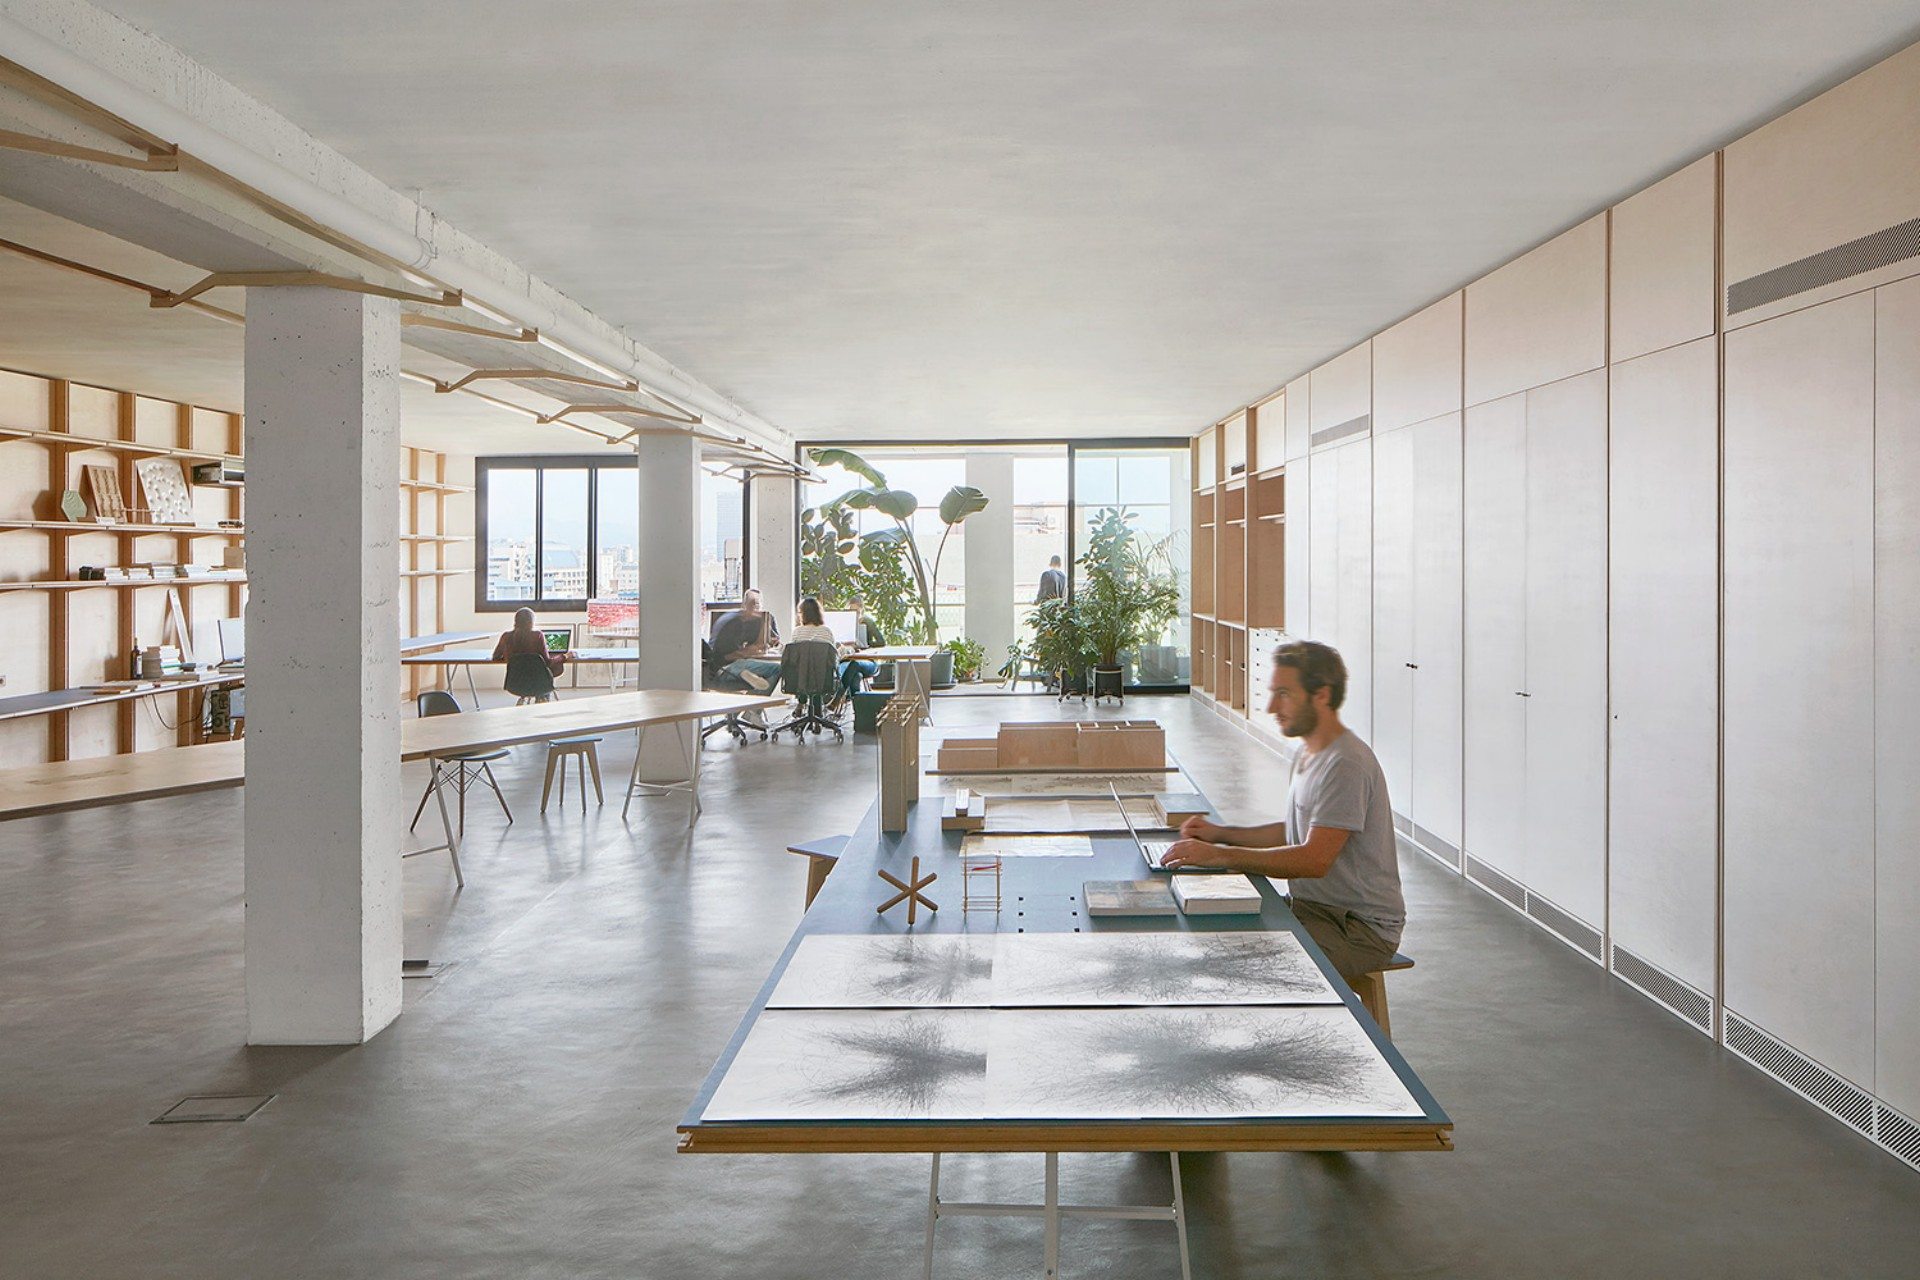 APPAREIL und ILABB Innenarchitektur mit Schrankwaenden | Floornature